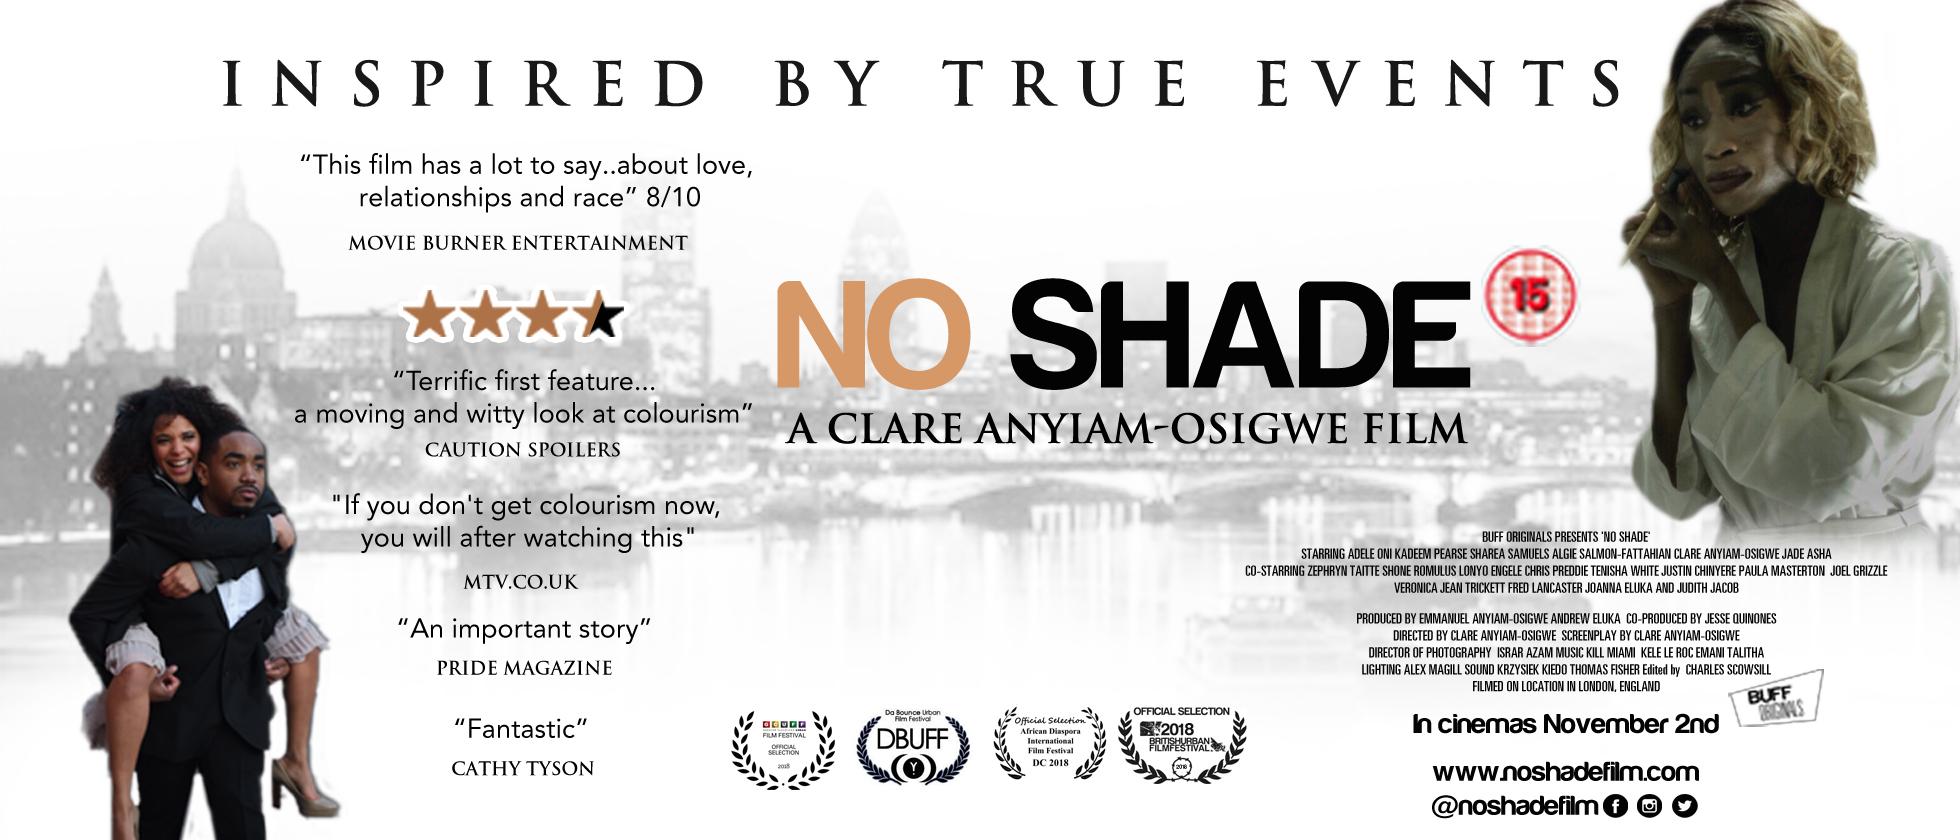 No shade New poster 2